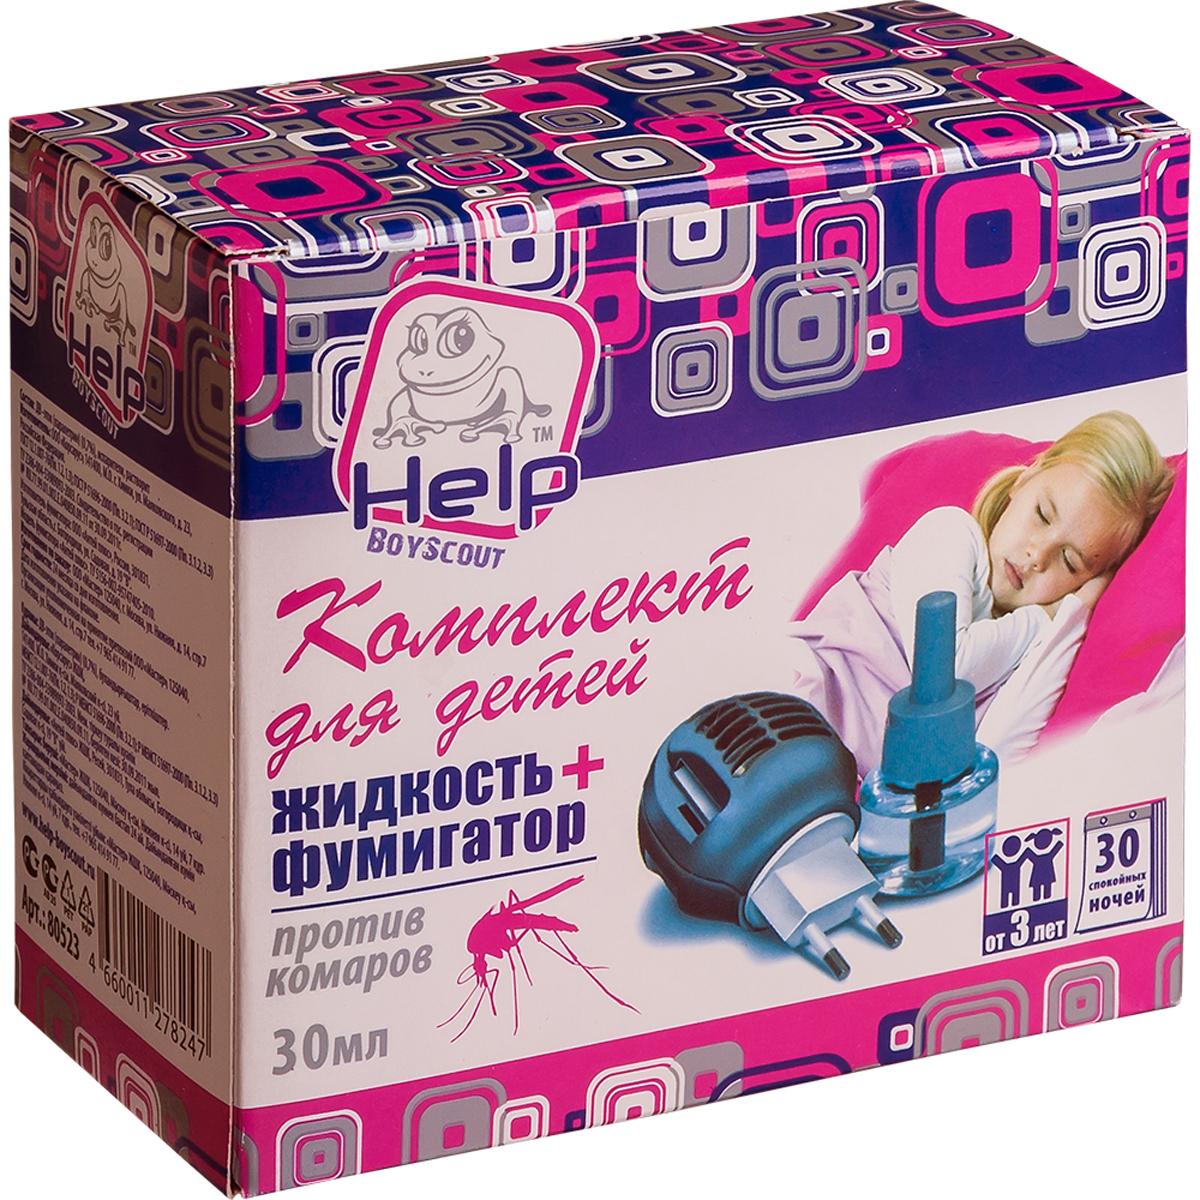 Фумигатор Help, + жидкость детская Help от комаров, 30 ночей, 30 мл фумигатор argus жидкость от комаров 45 ночей